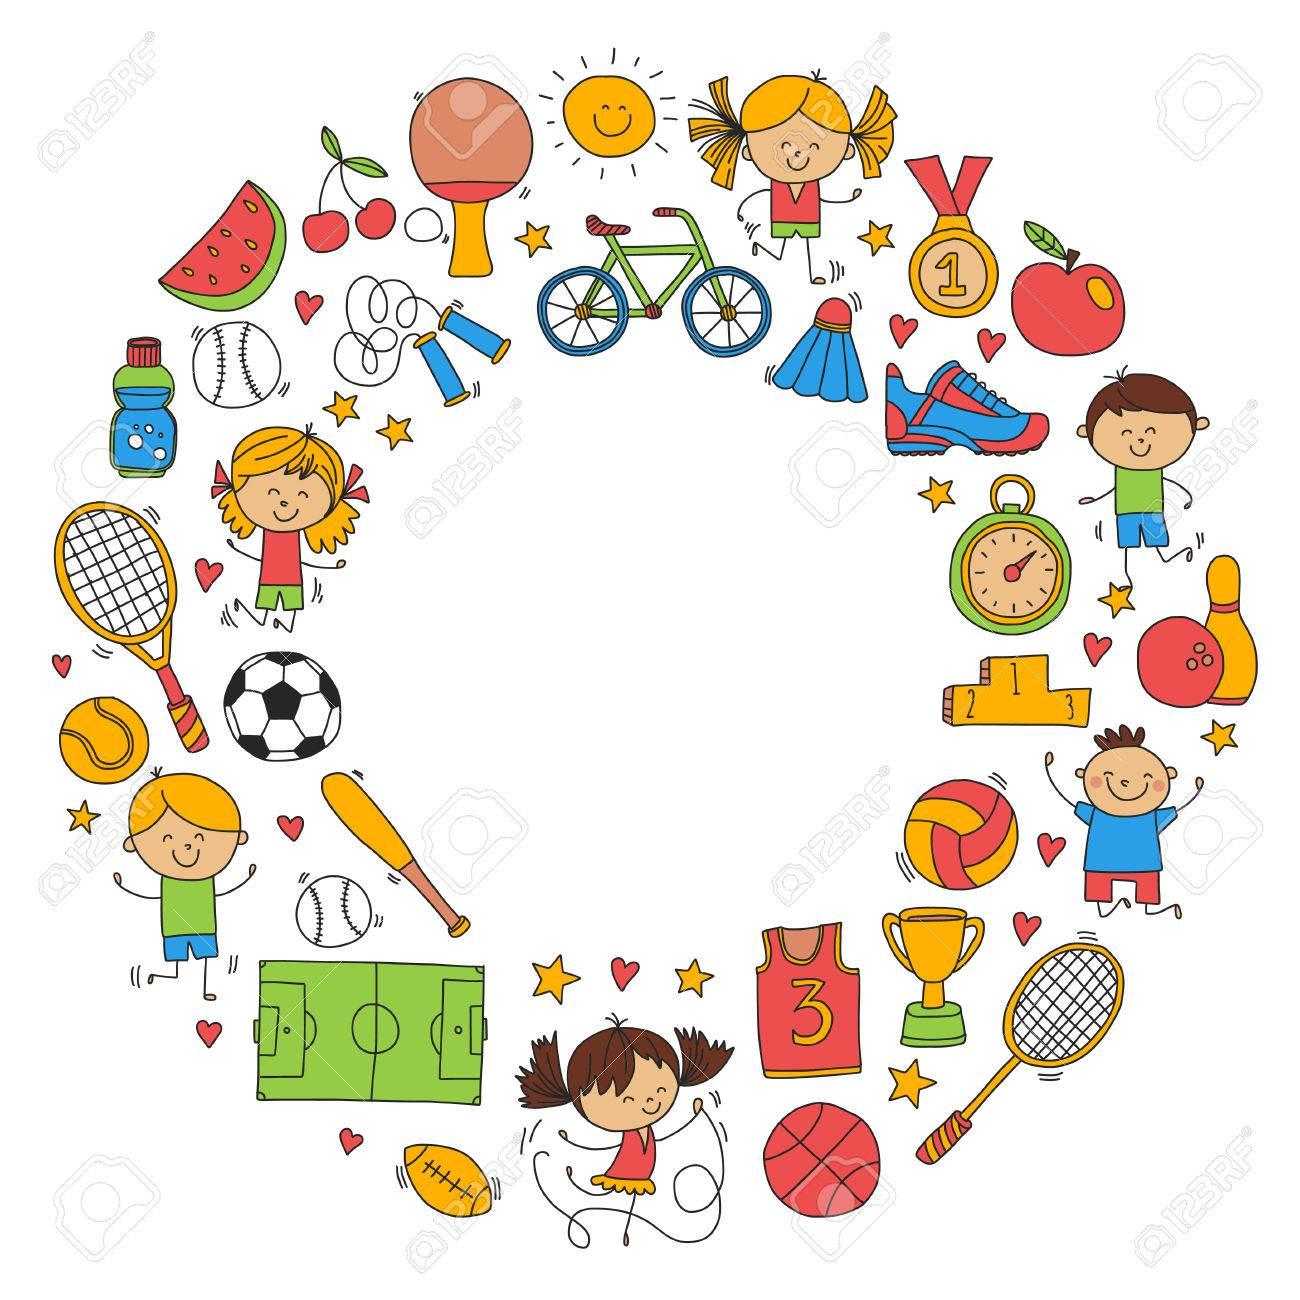 La importancia del deporte en la educación preescolar.